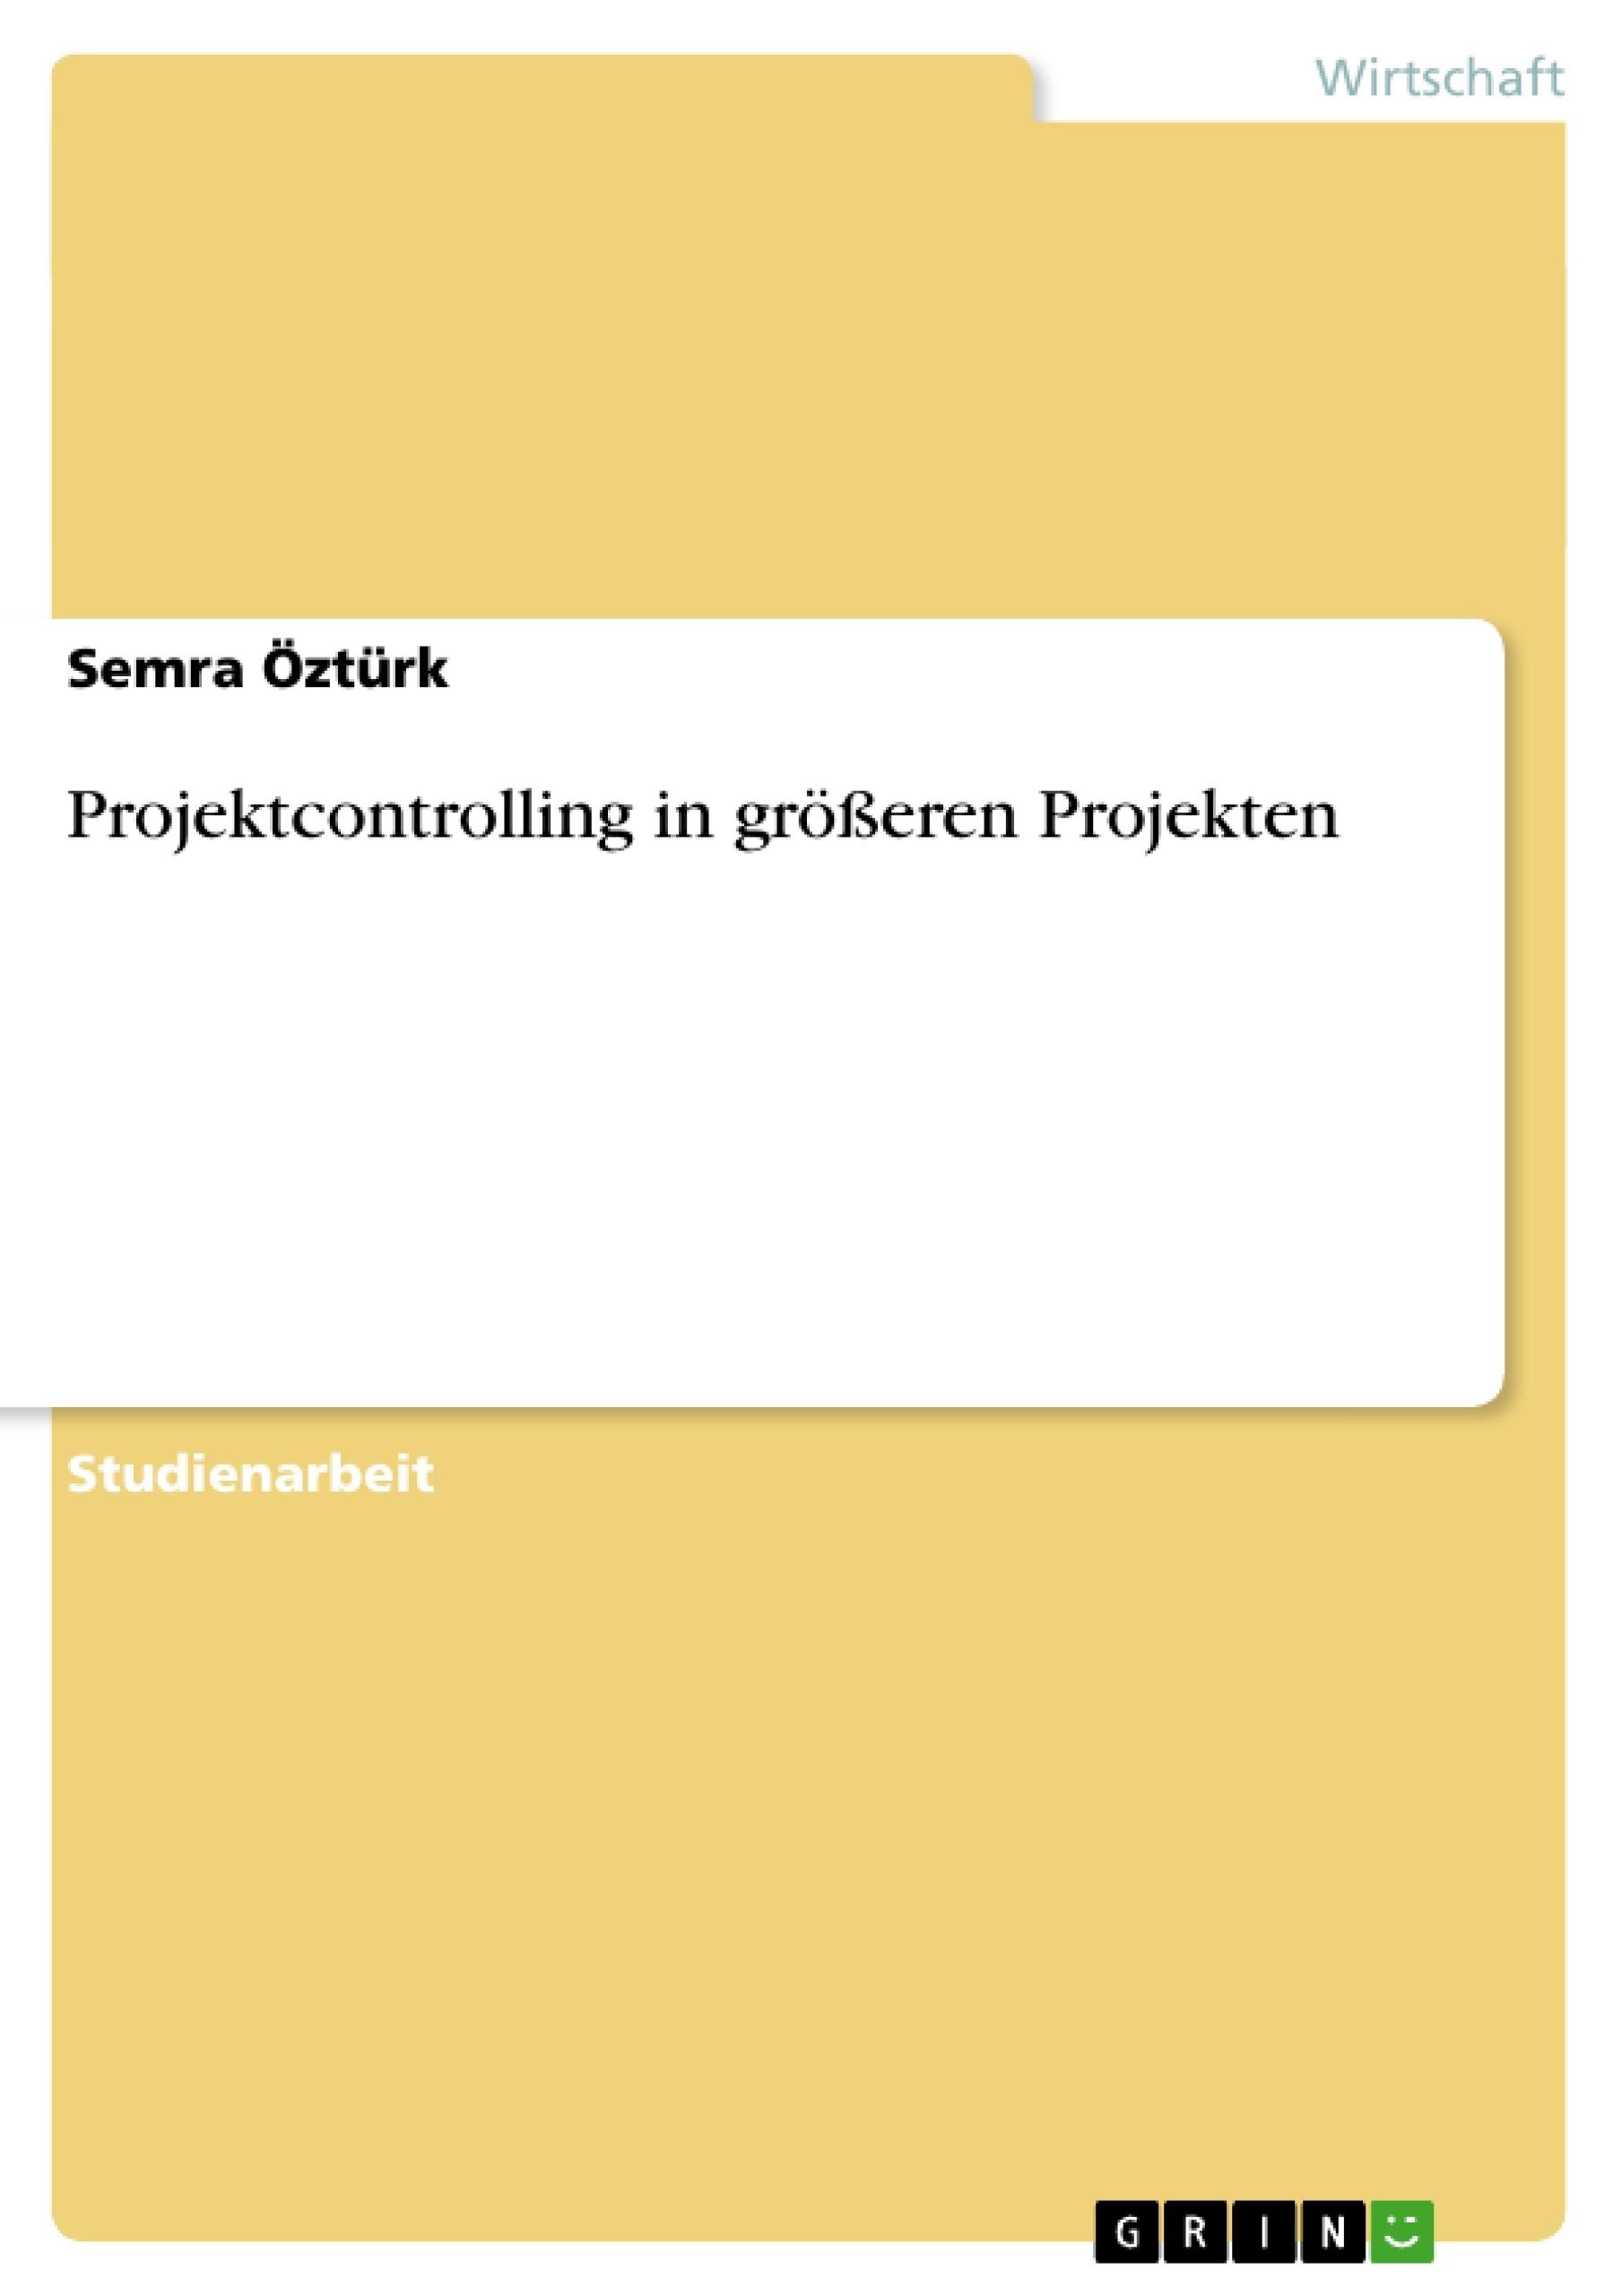 Titel: Projektcontrolling in größeren Projekten